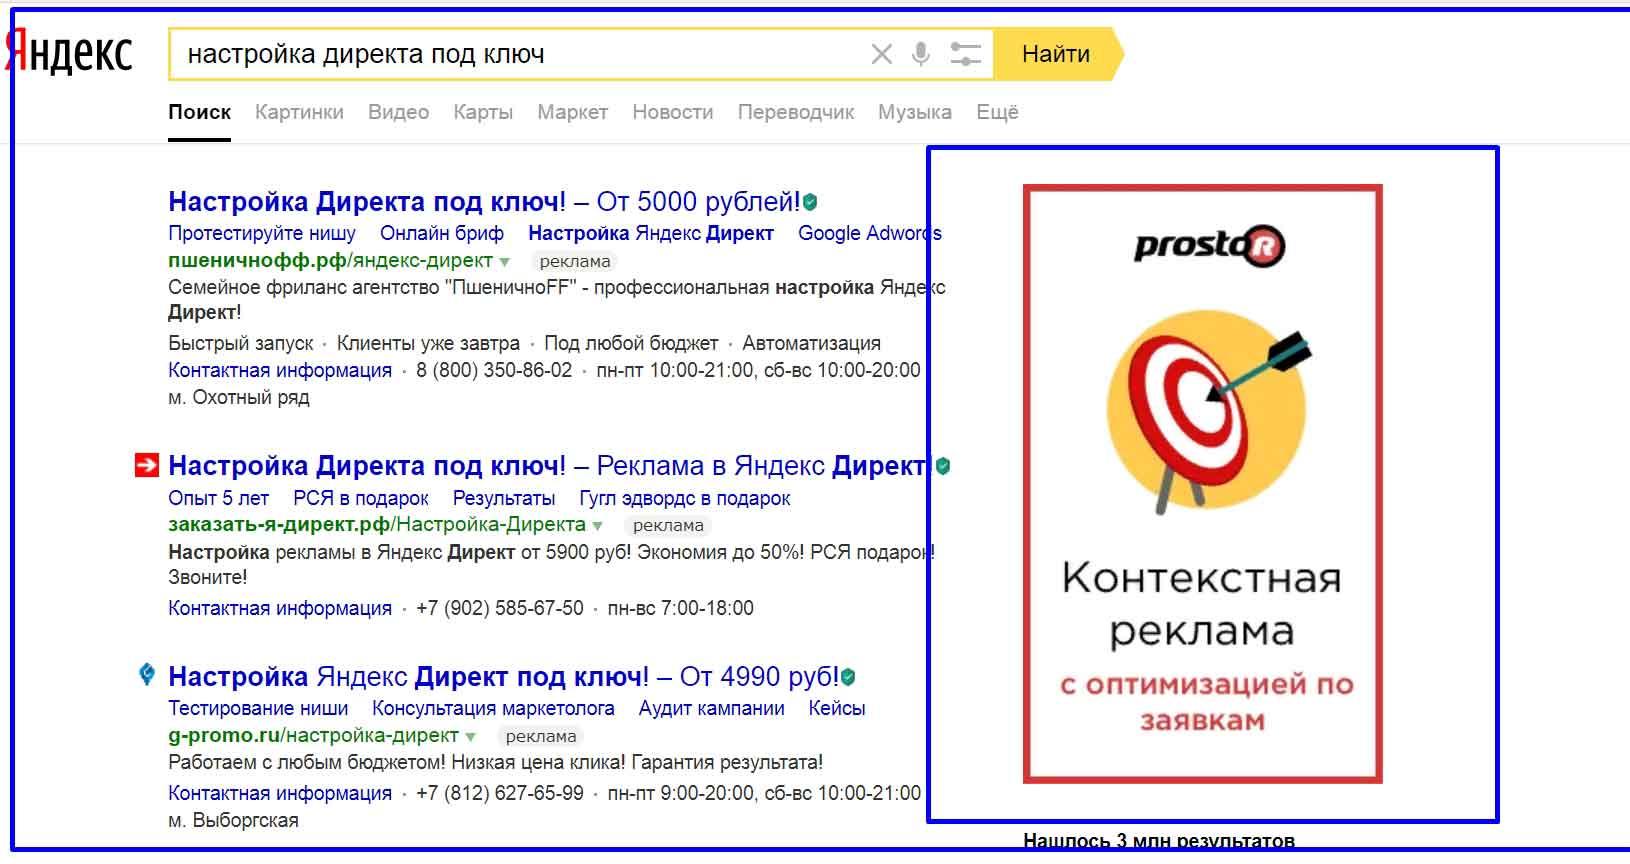 Контекстно-медийный баннер на поиске в Яндекс Директ.